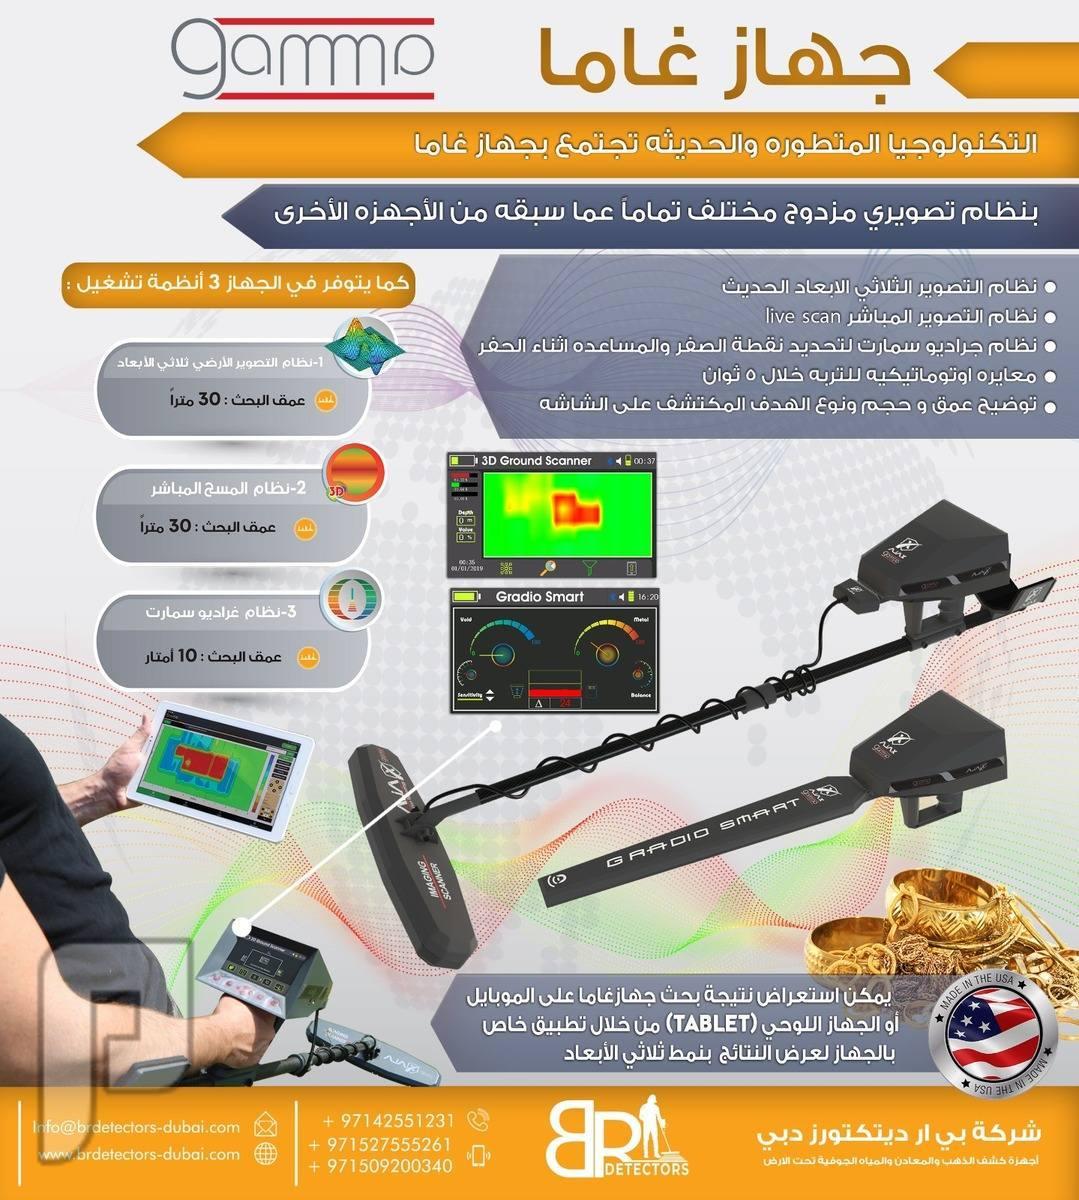 3D Gold Detector   Treasures detector Gamma Ajax 3D Gold Detector   Treasures detector - Gamma Ajax